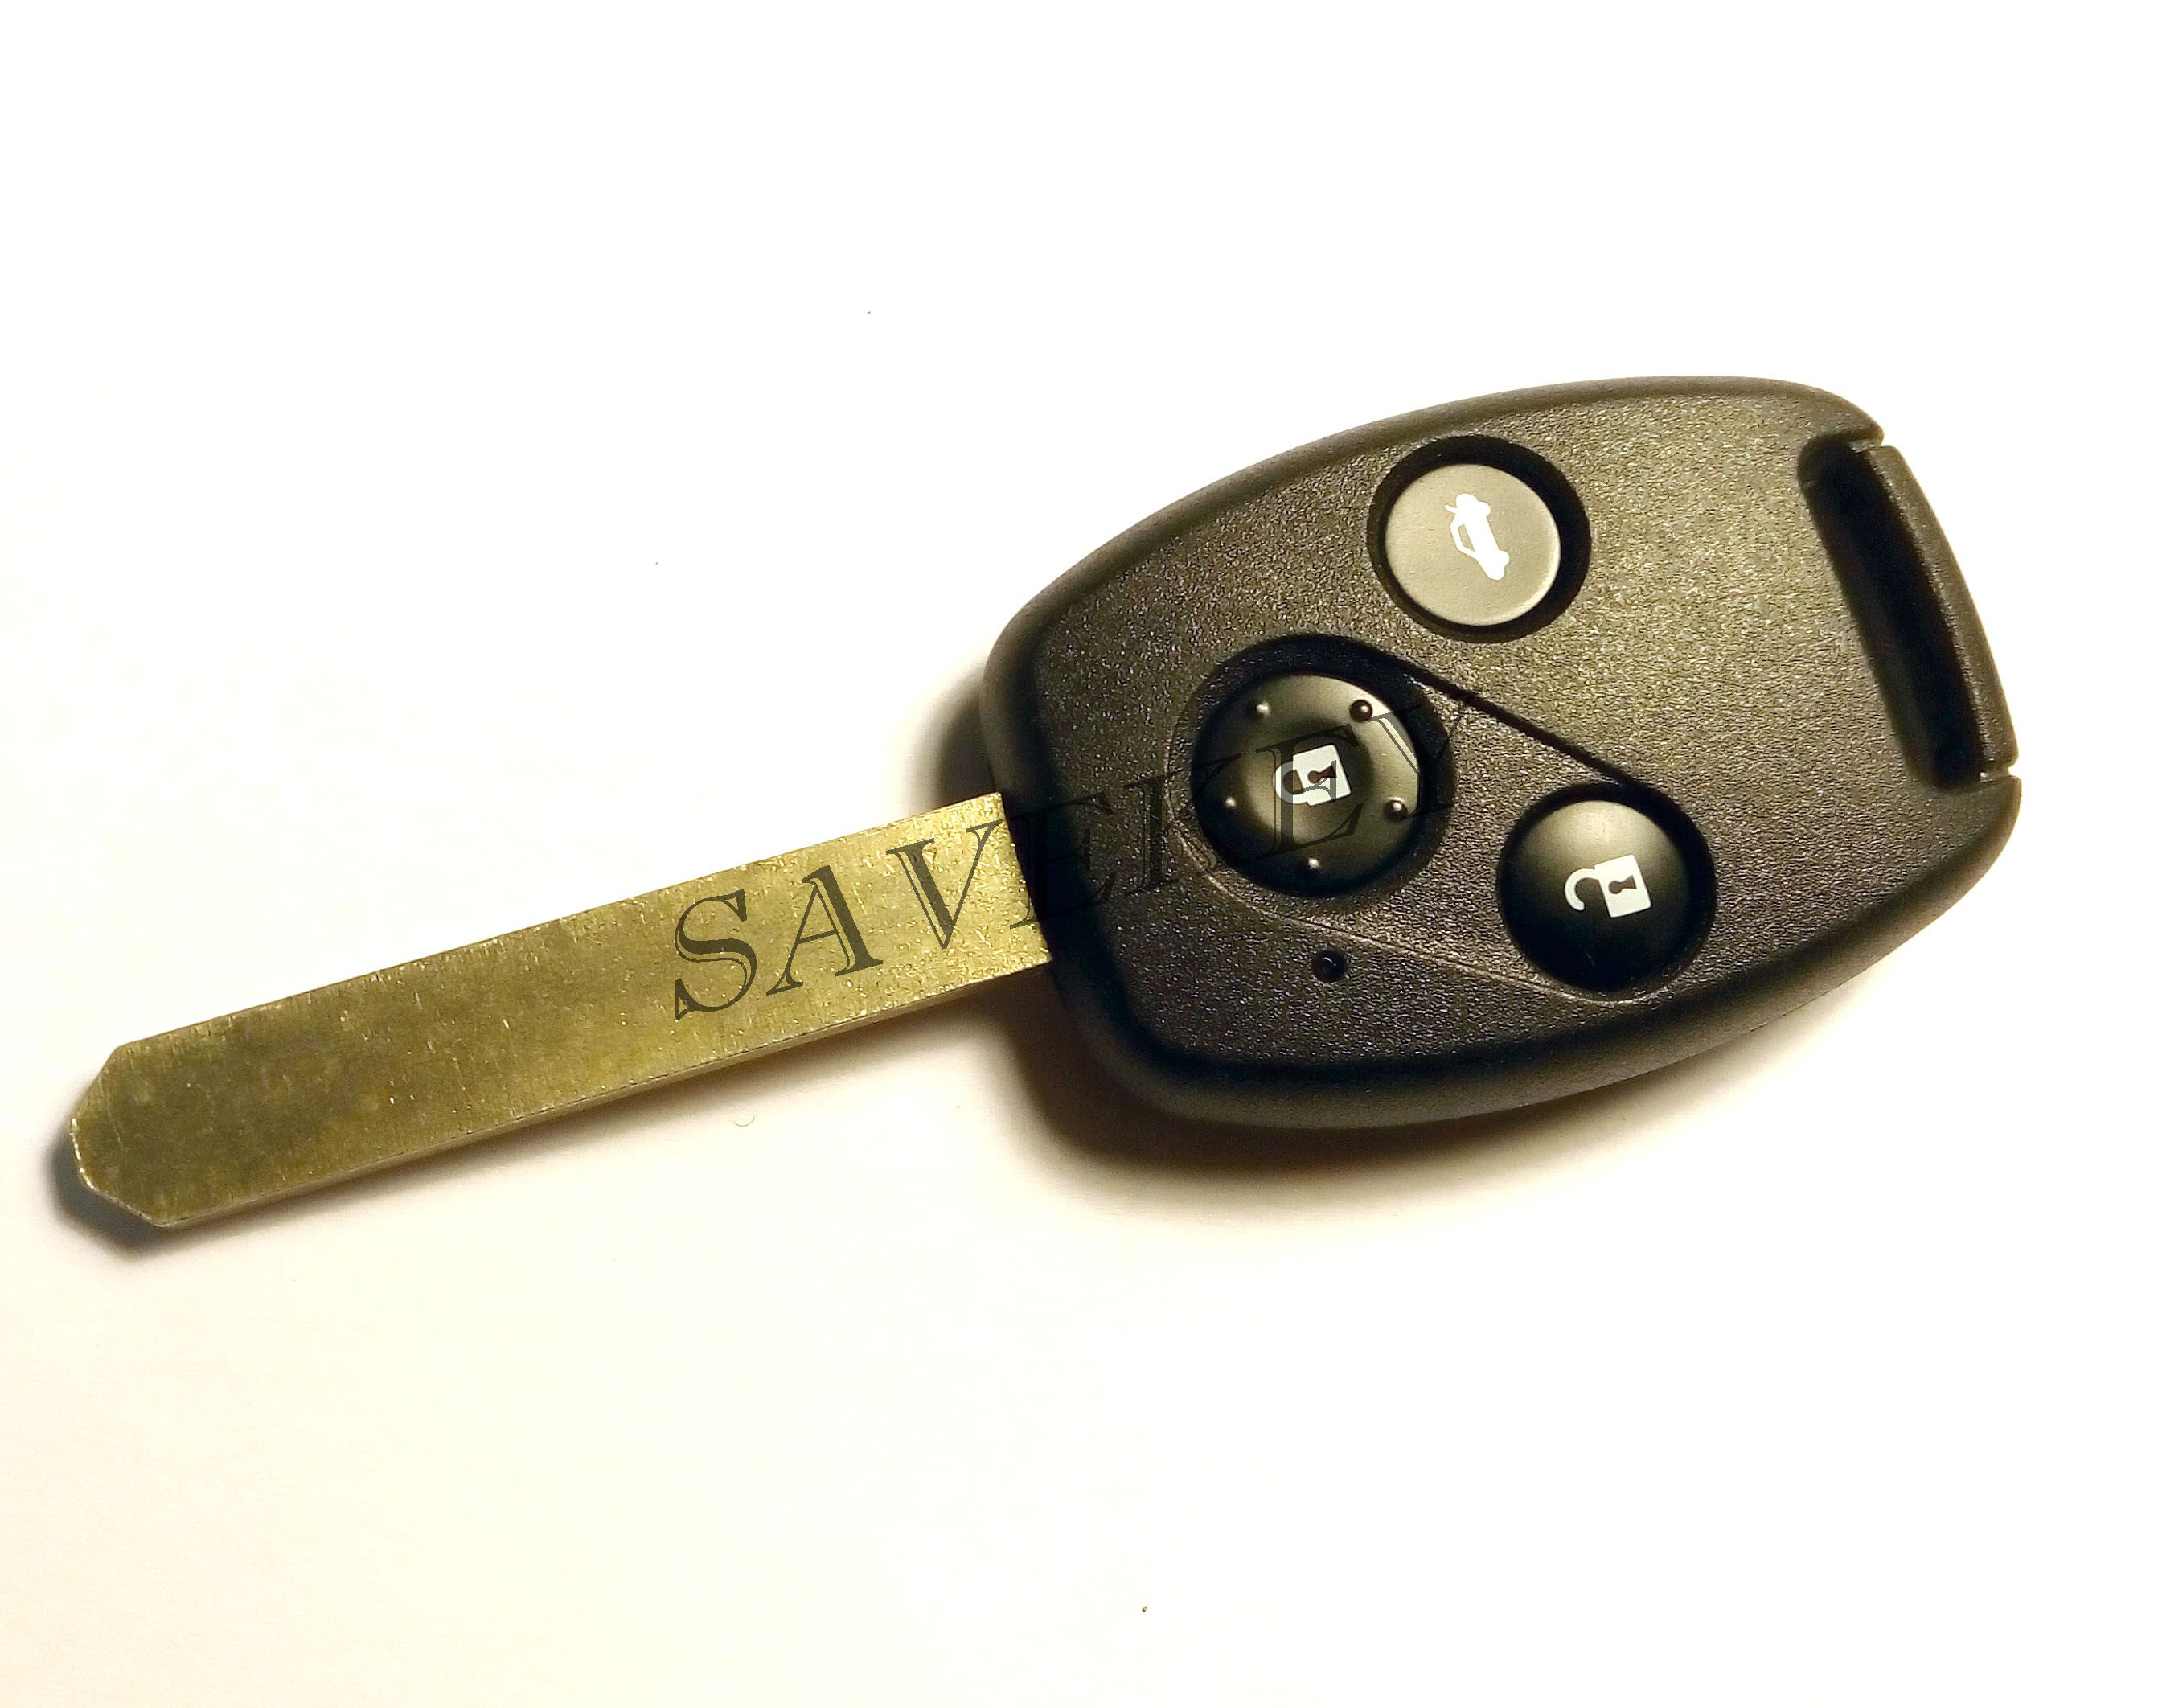 Дистанционный ключ Honda для моделей Accord, Civic, CR-V, Element, Jazz, Pilot 3 кнопки